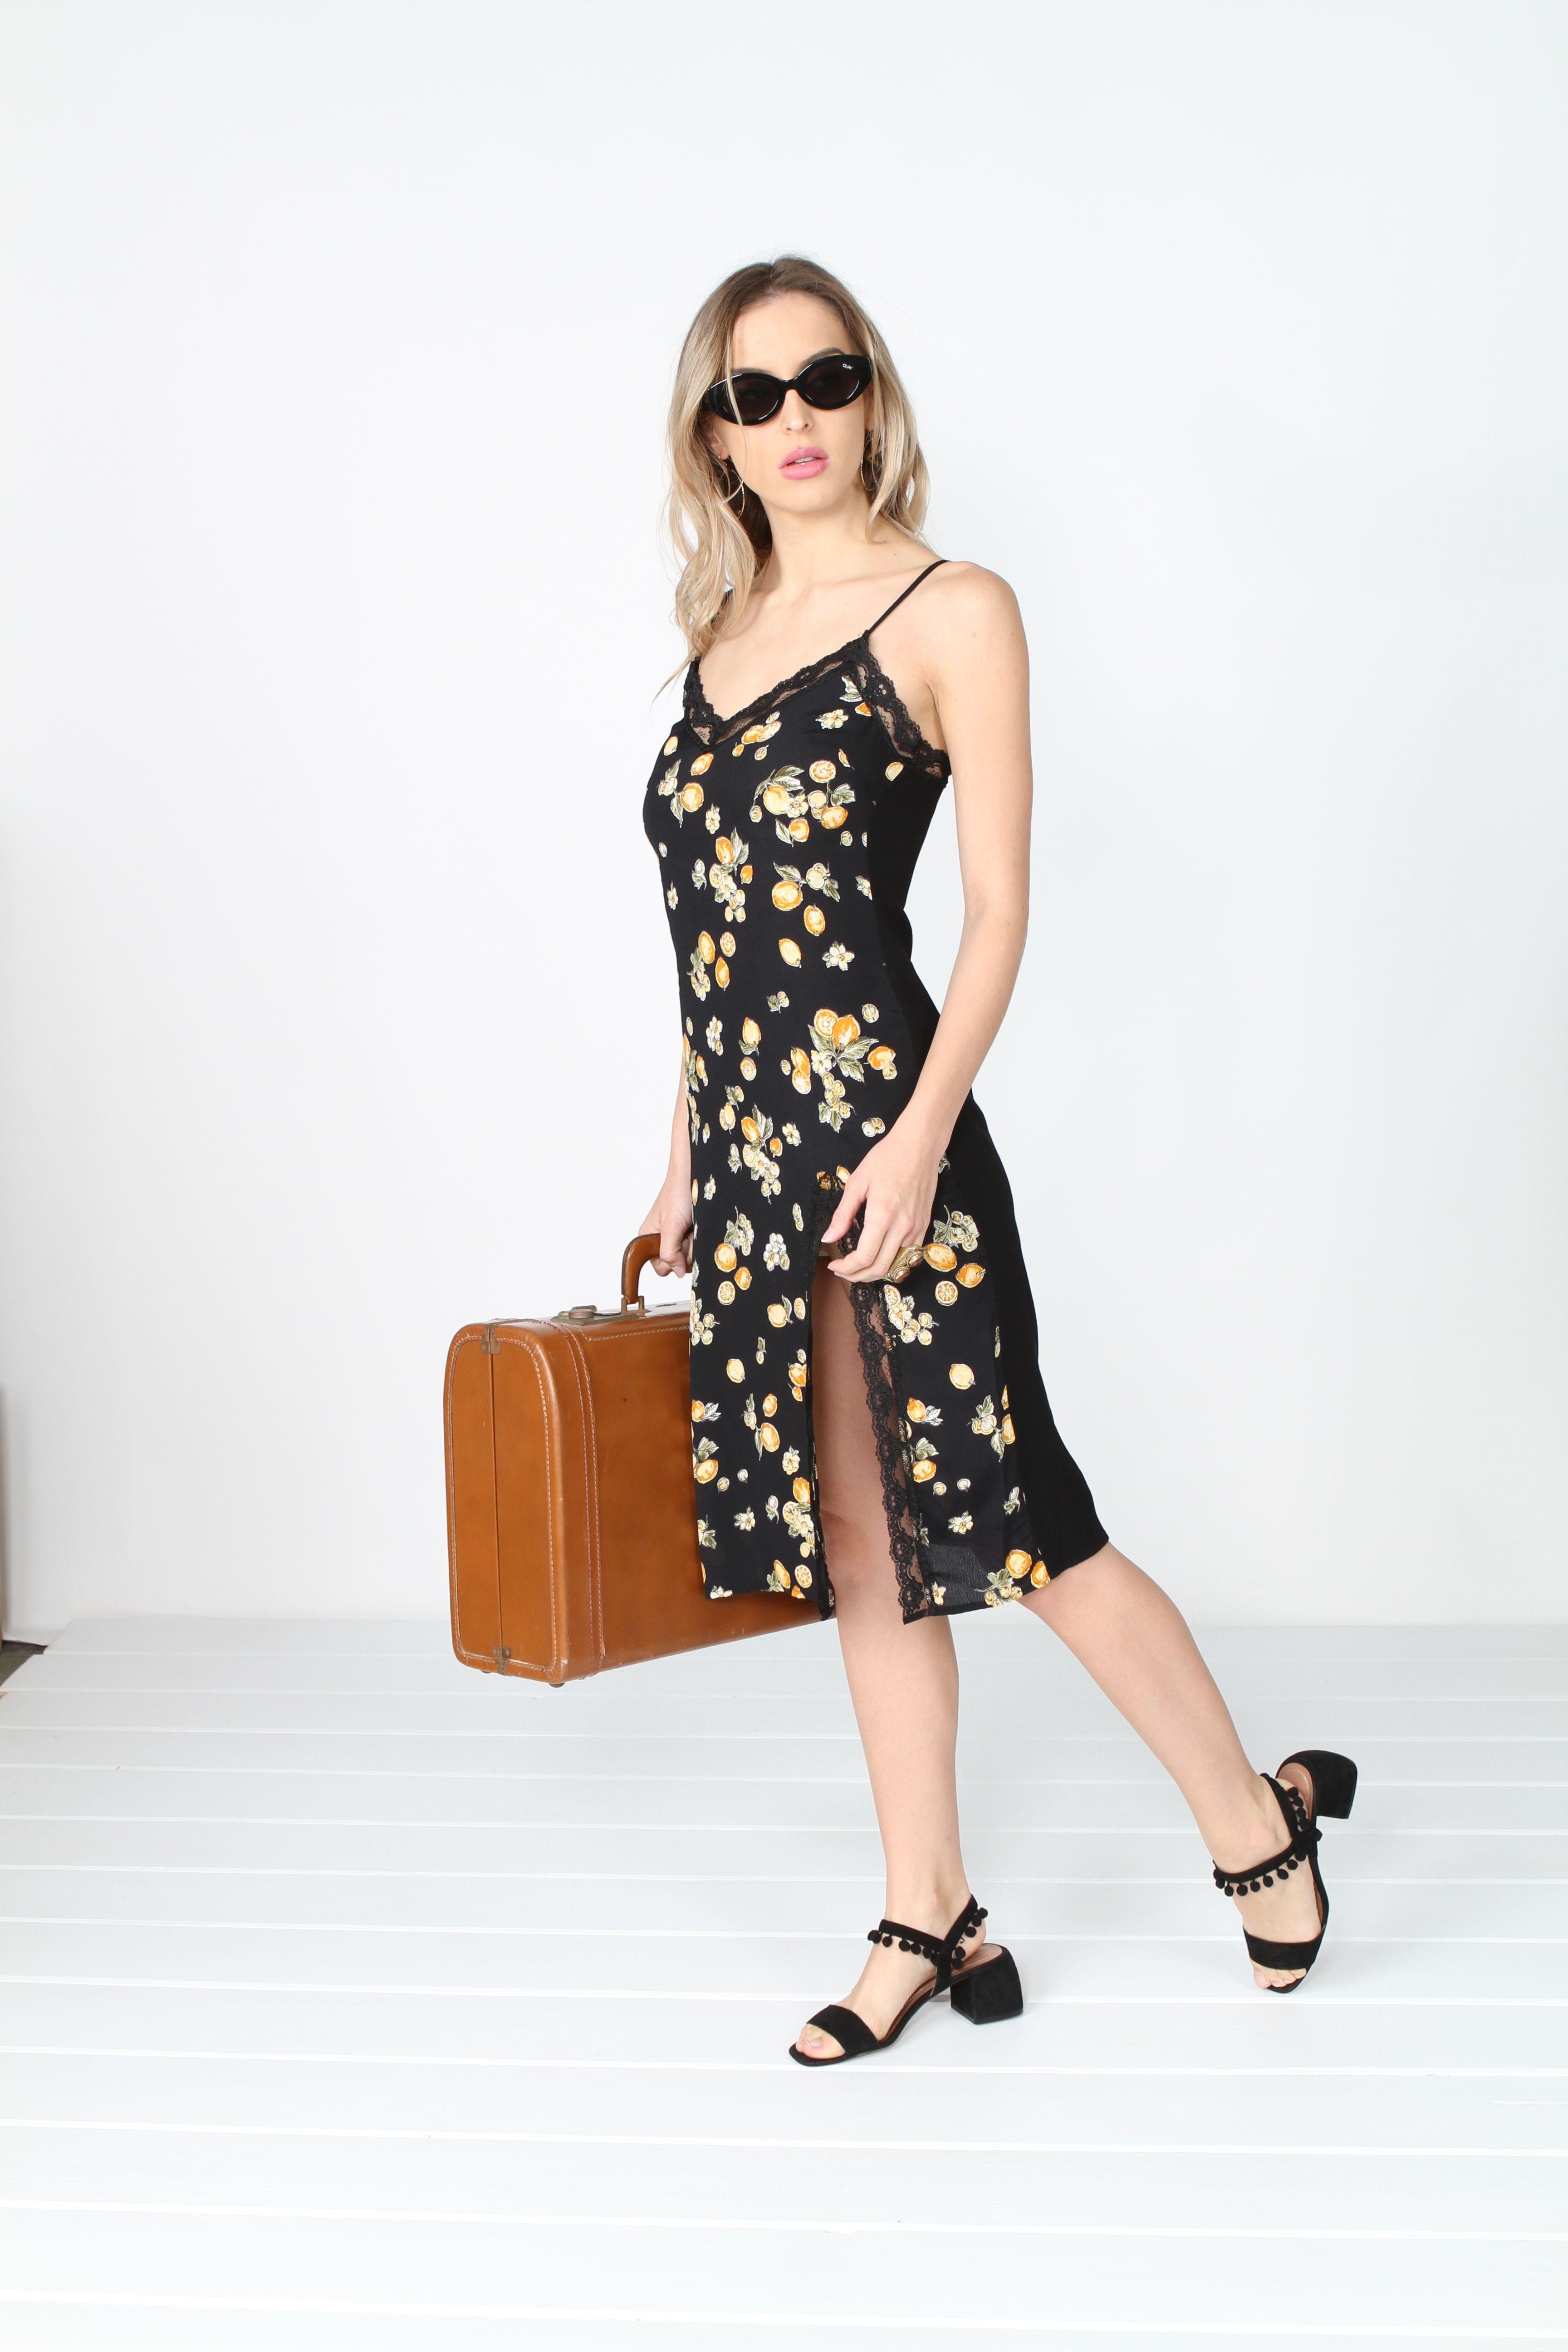 24842255f50d Midi length slip dress Adjustable straps and lace trim detailingRayon crepe  fabric, Lemon print, Black midi dress, slip dress.